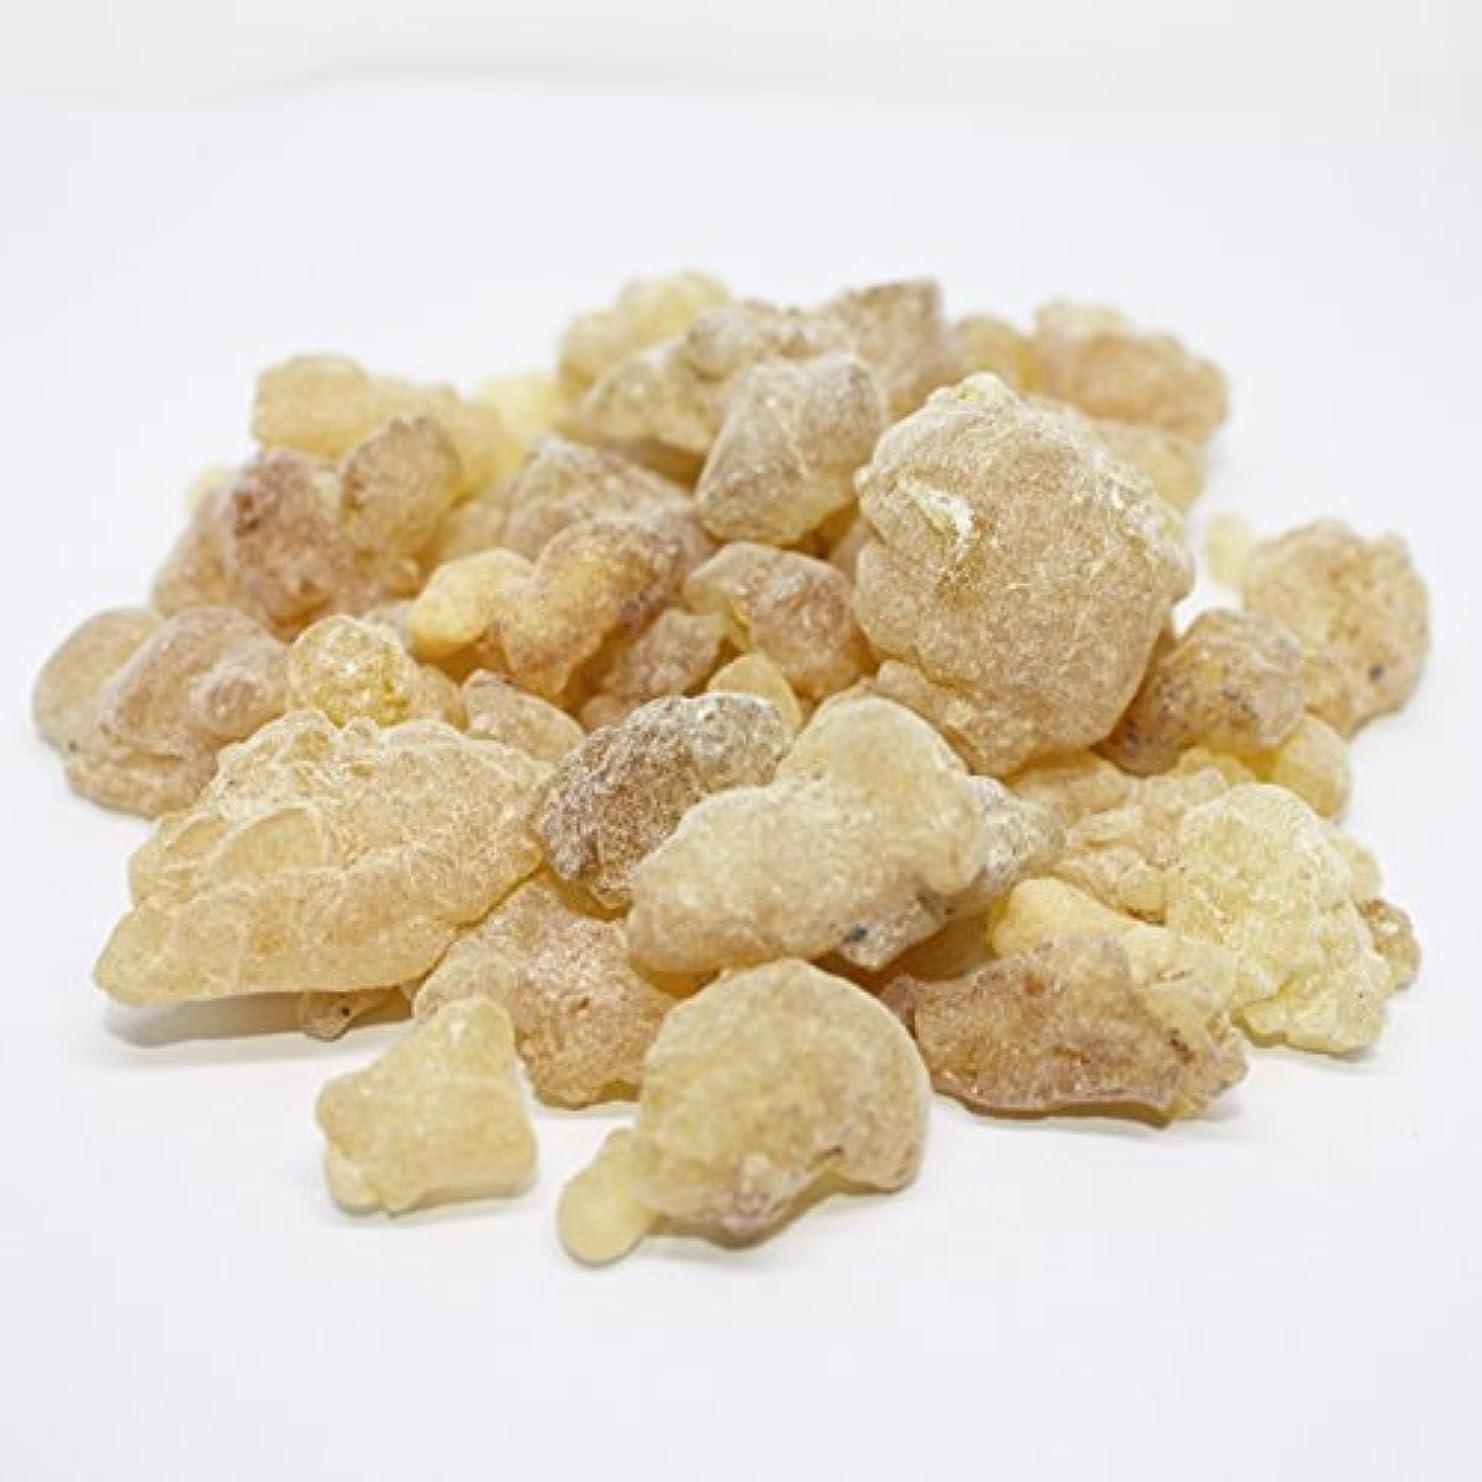 引き算オーバーヘッド換気NWI Trading Company Ethiopianフランキンセンス – Frankincense樹脂 – Boswellia paypyrifea – 2オンス